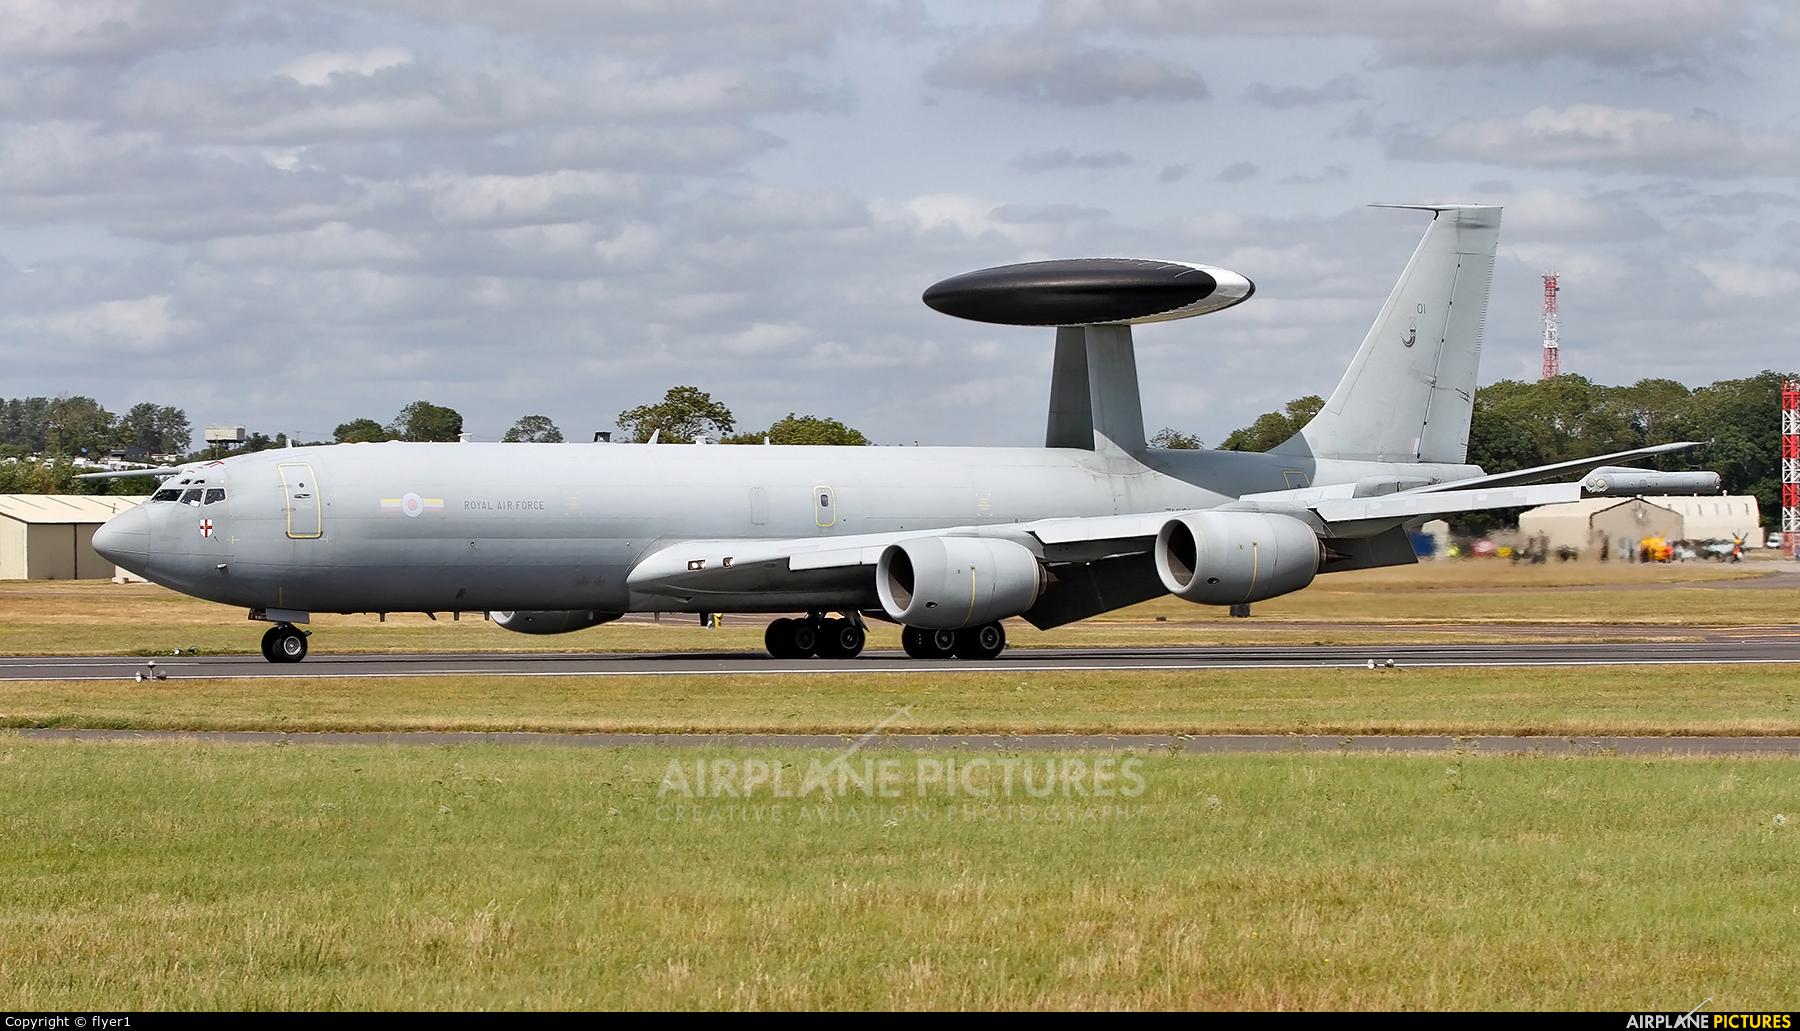 Royal Air Force ZH101 aircraft at Fairford